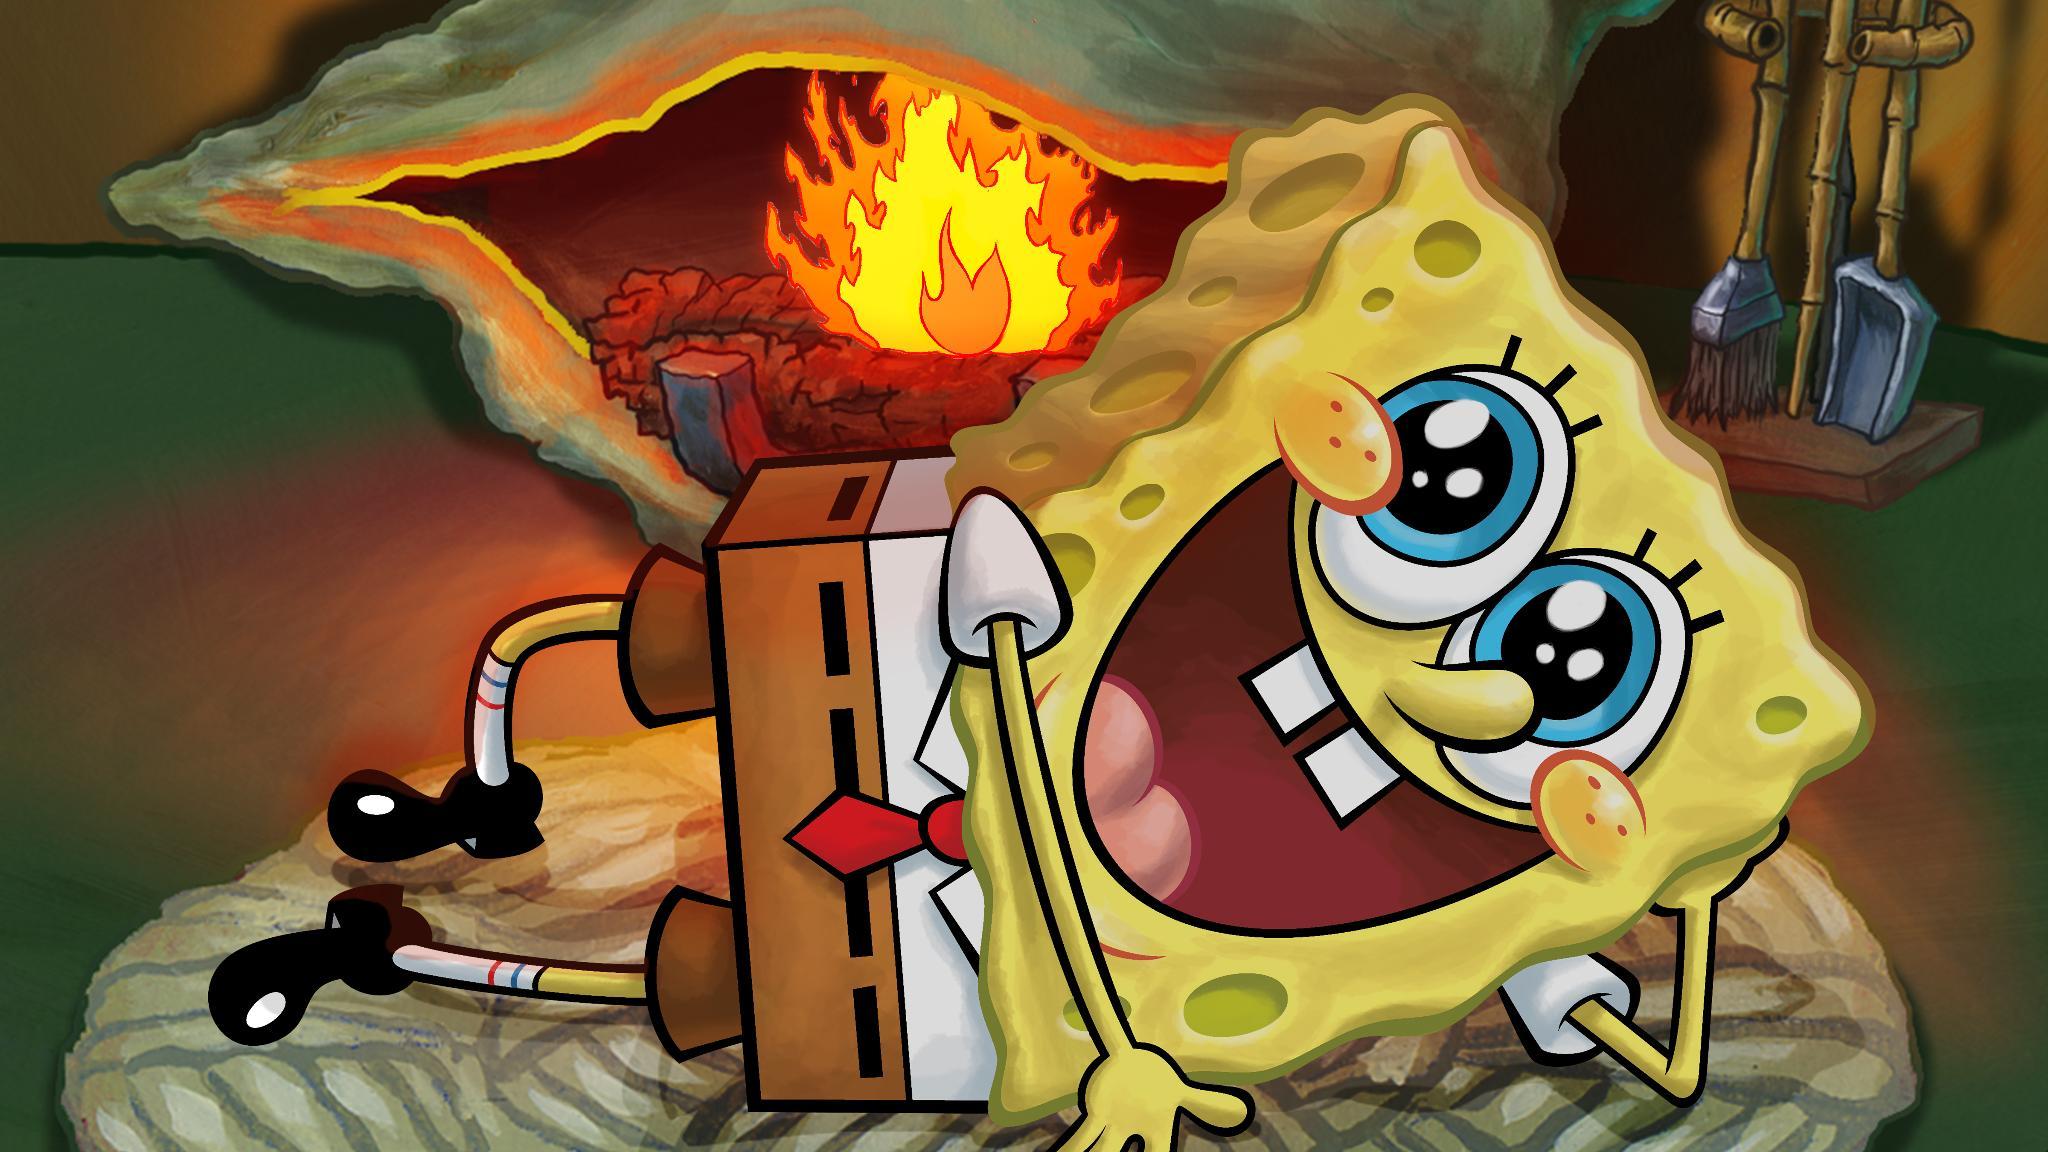 Spongebob Hd Wallpaper Fire